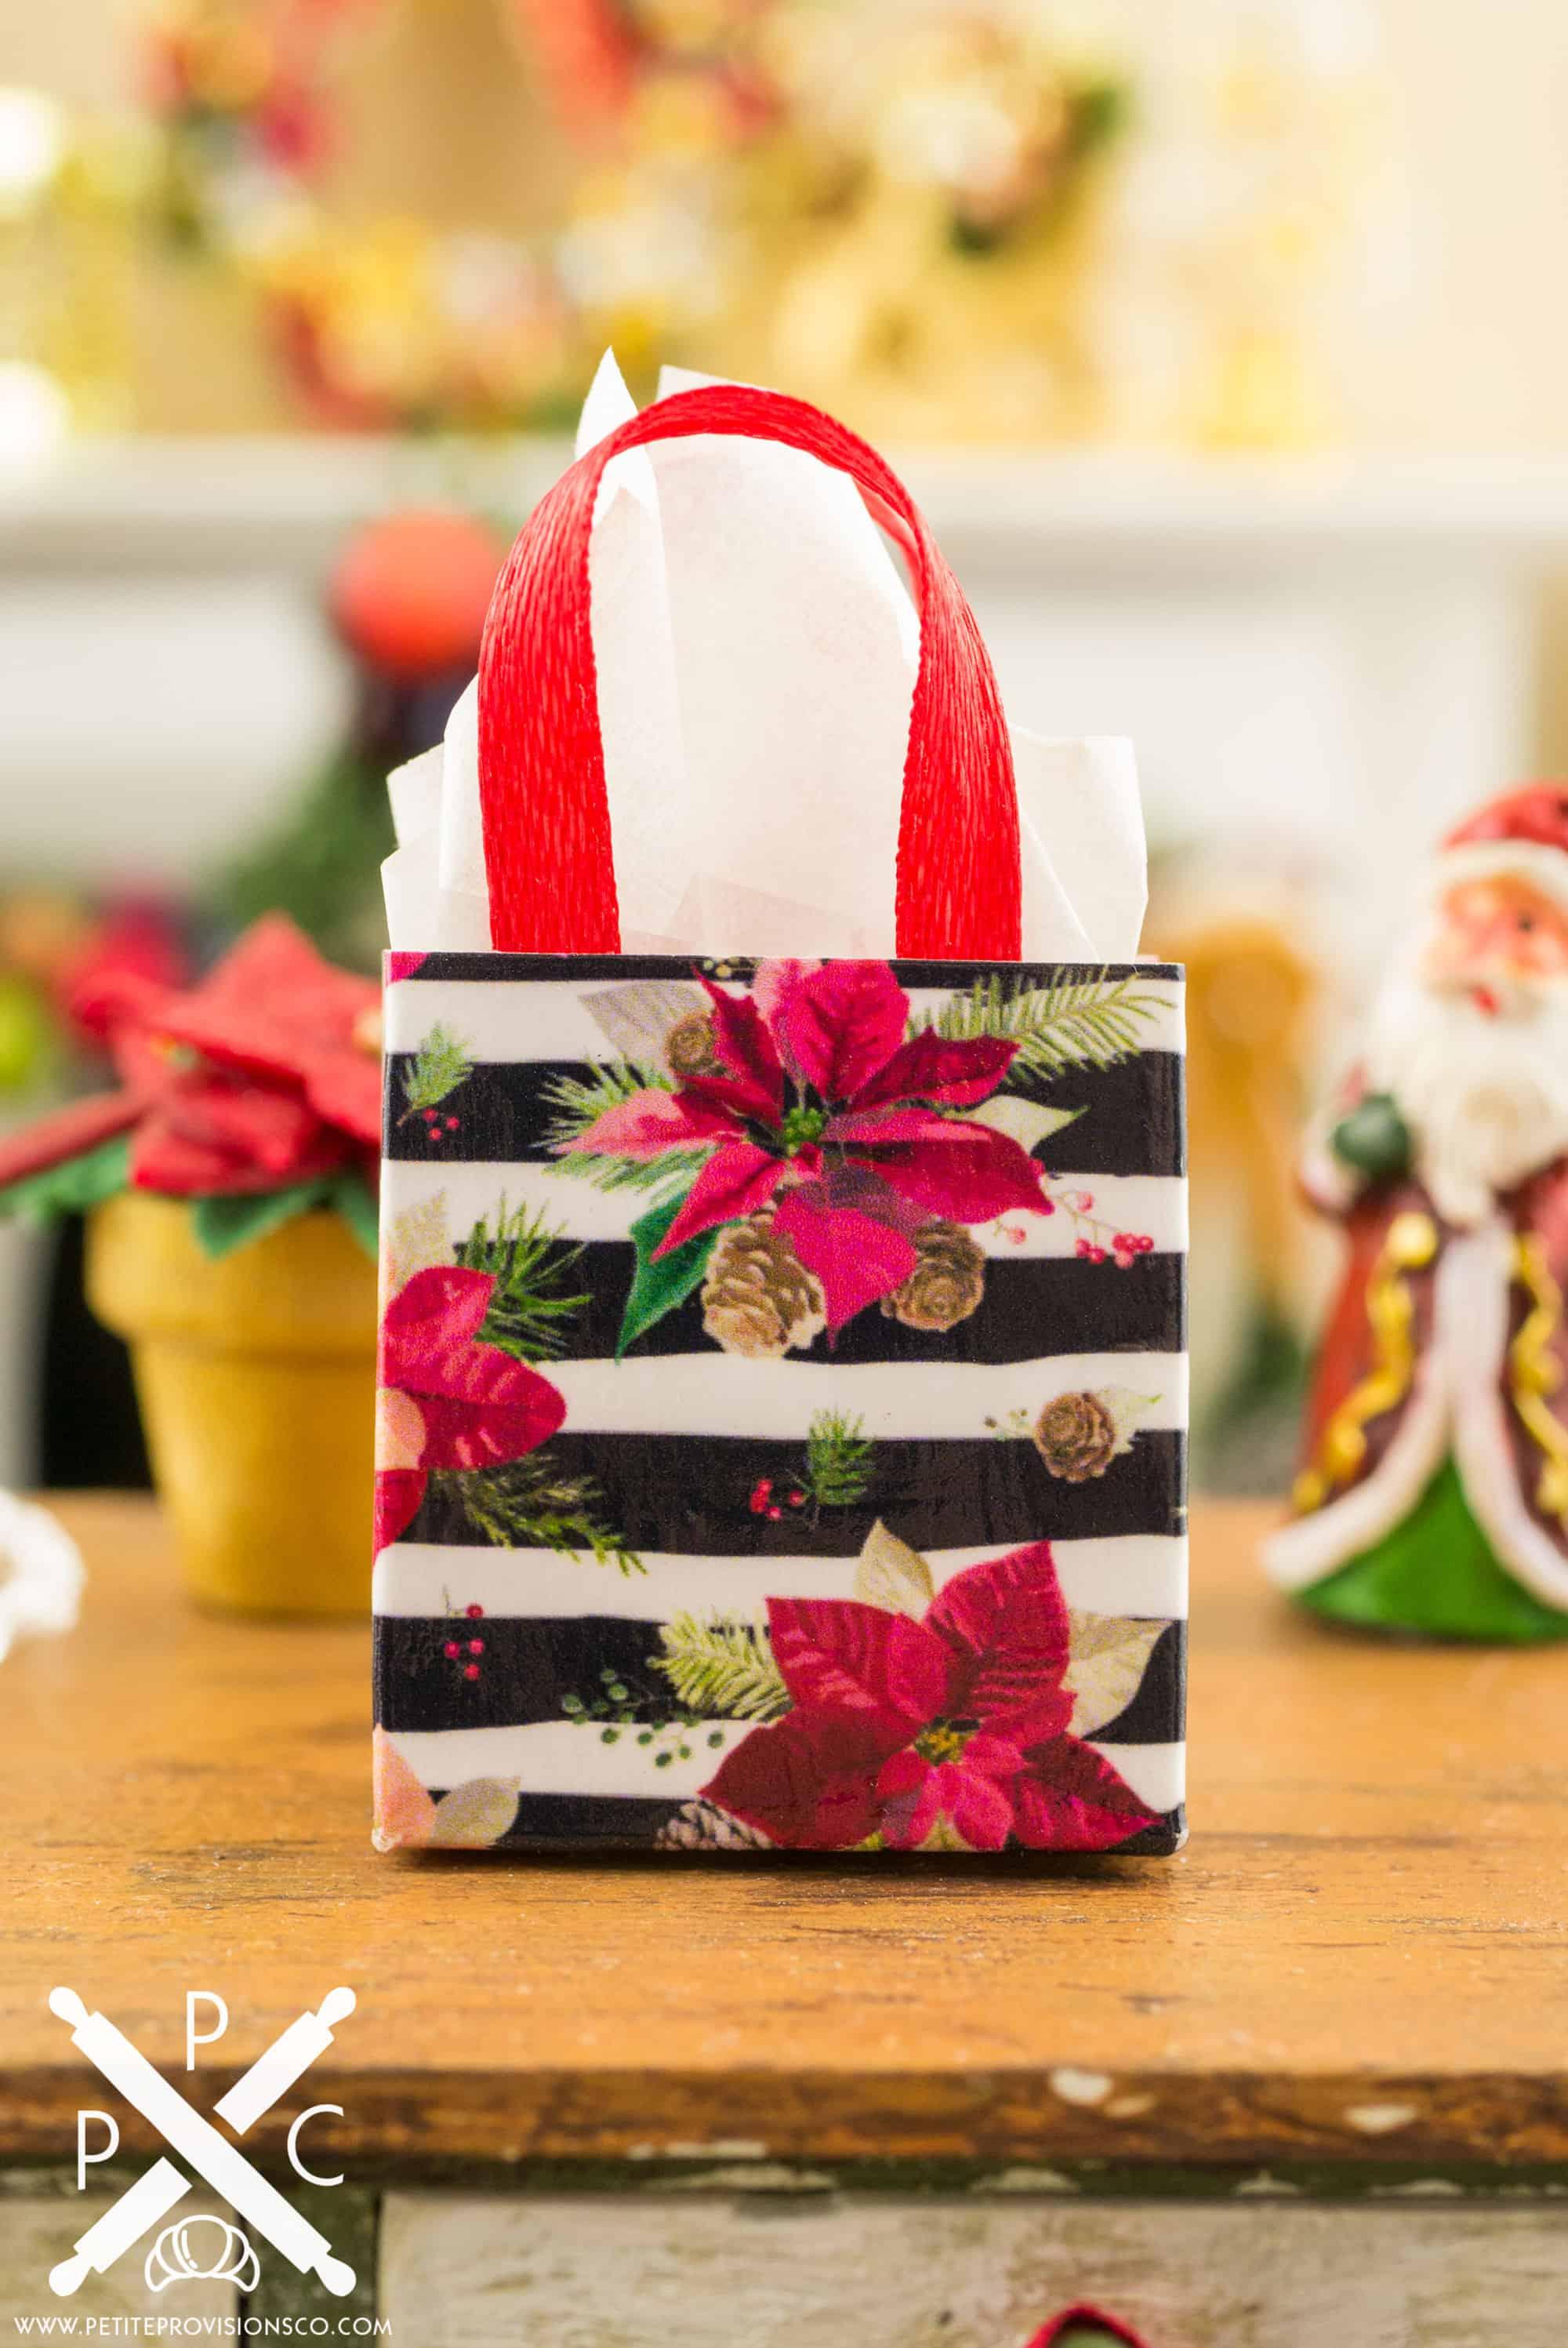 Dollhouse Miniature Christmas Gift Bags - 1:12 Dollhouse ...